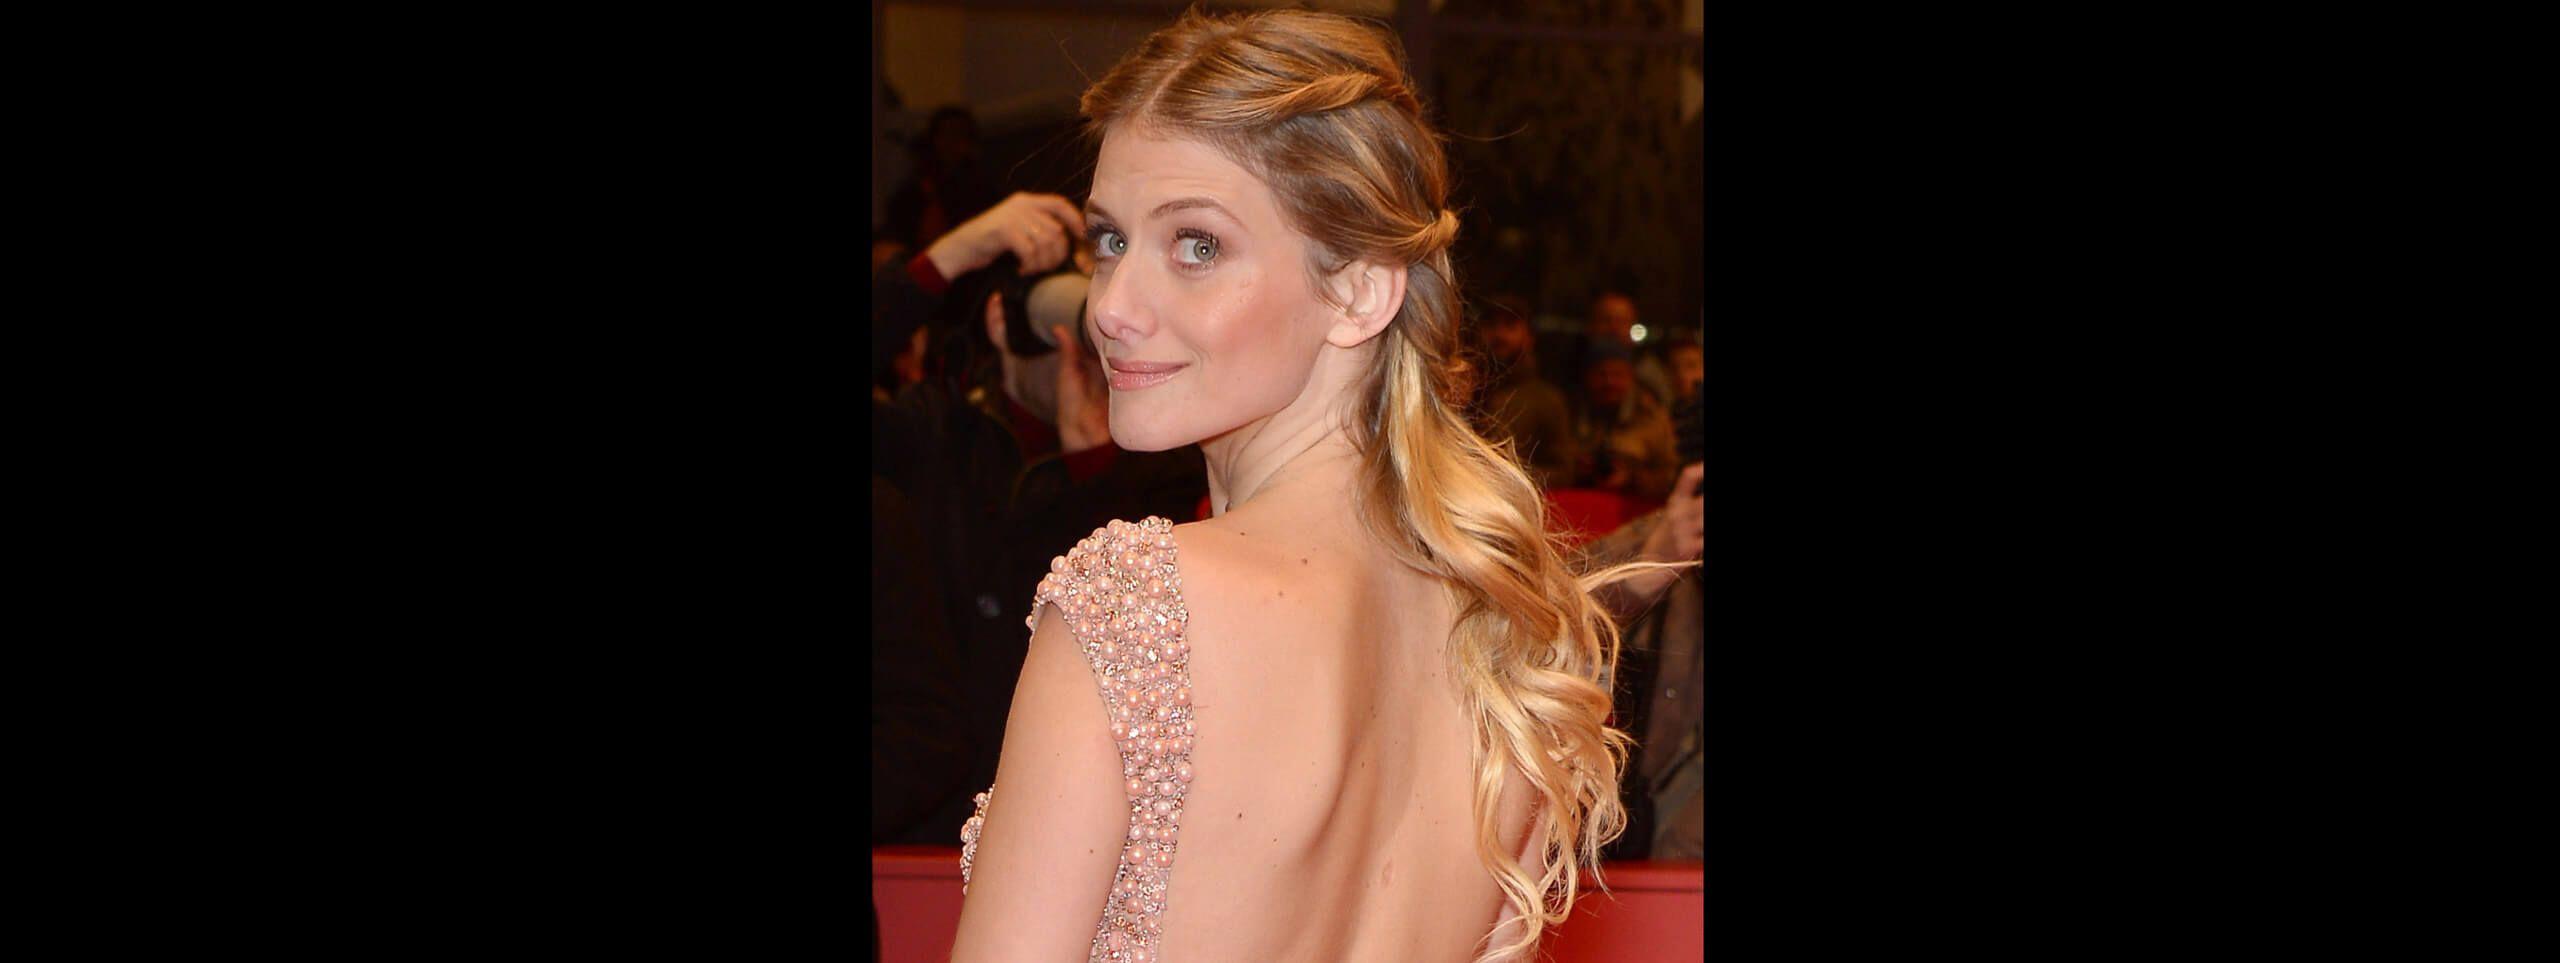 Mélanie Laurant arborant de longs cheveux blonds bouclés